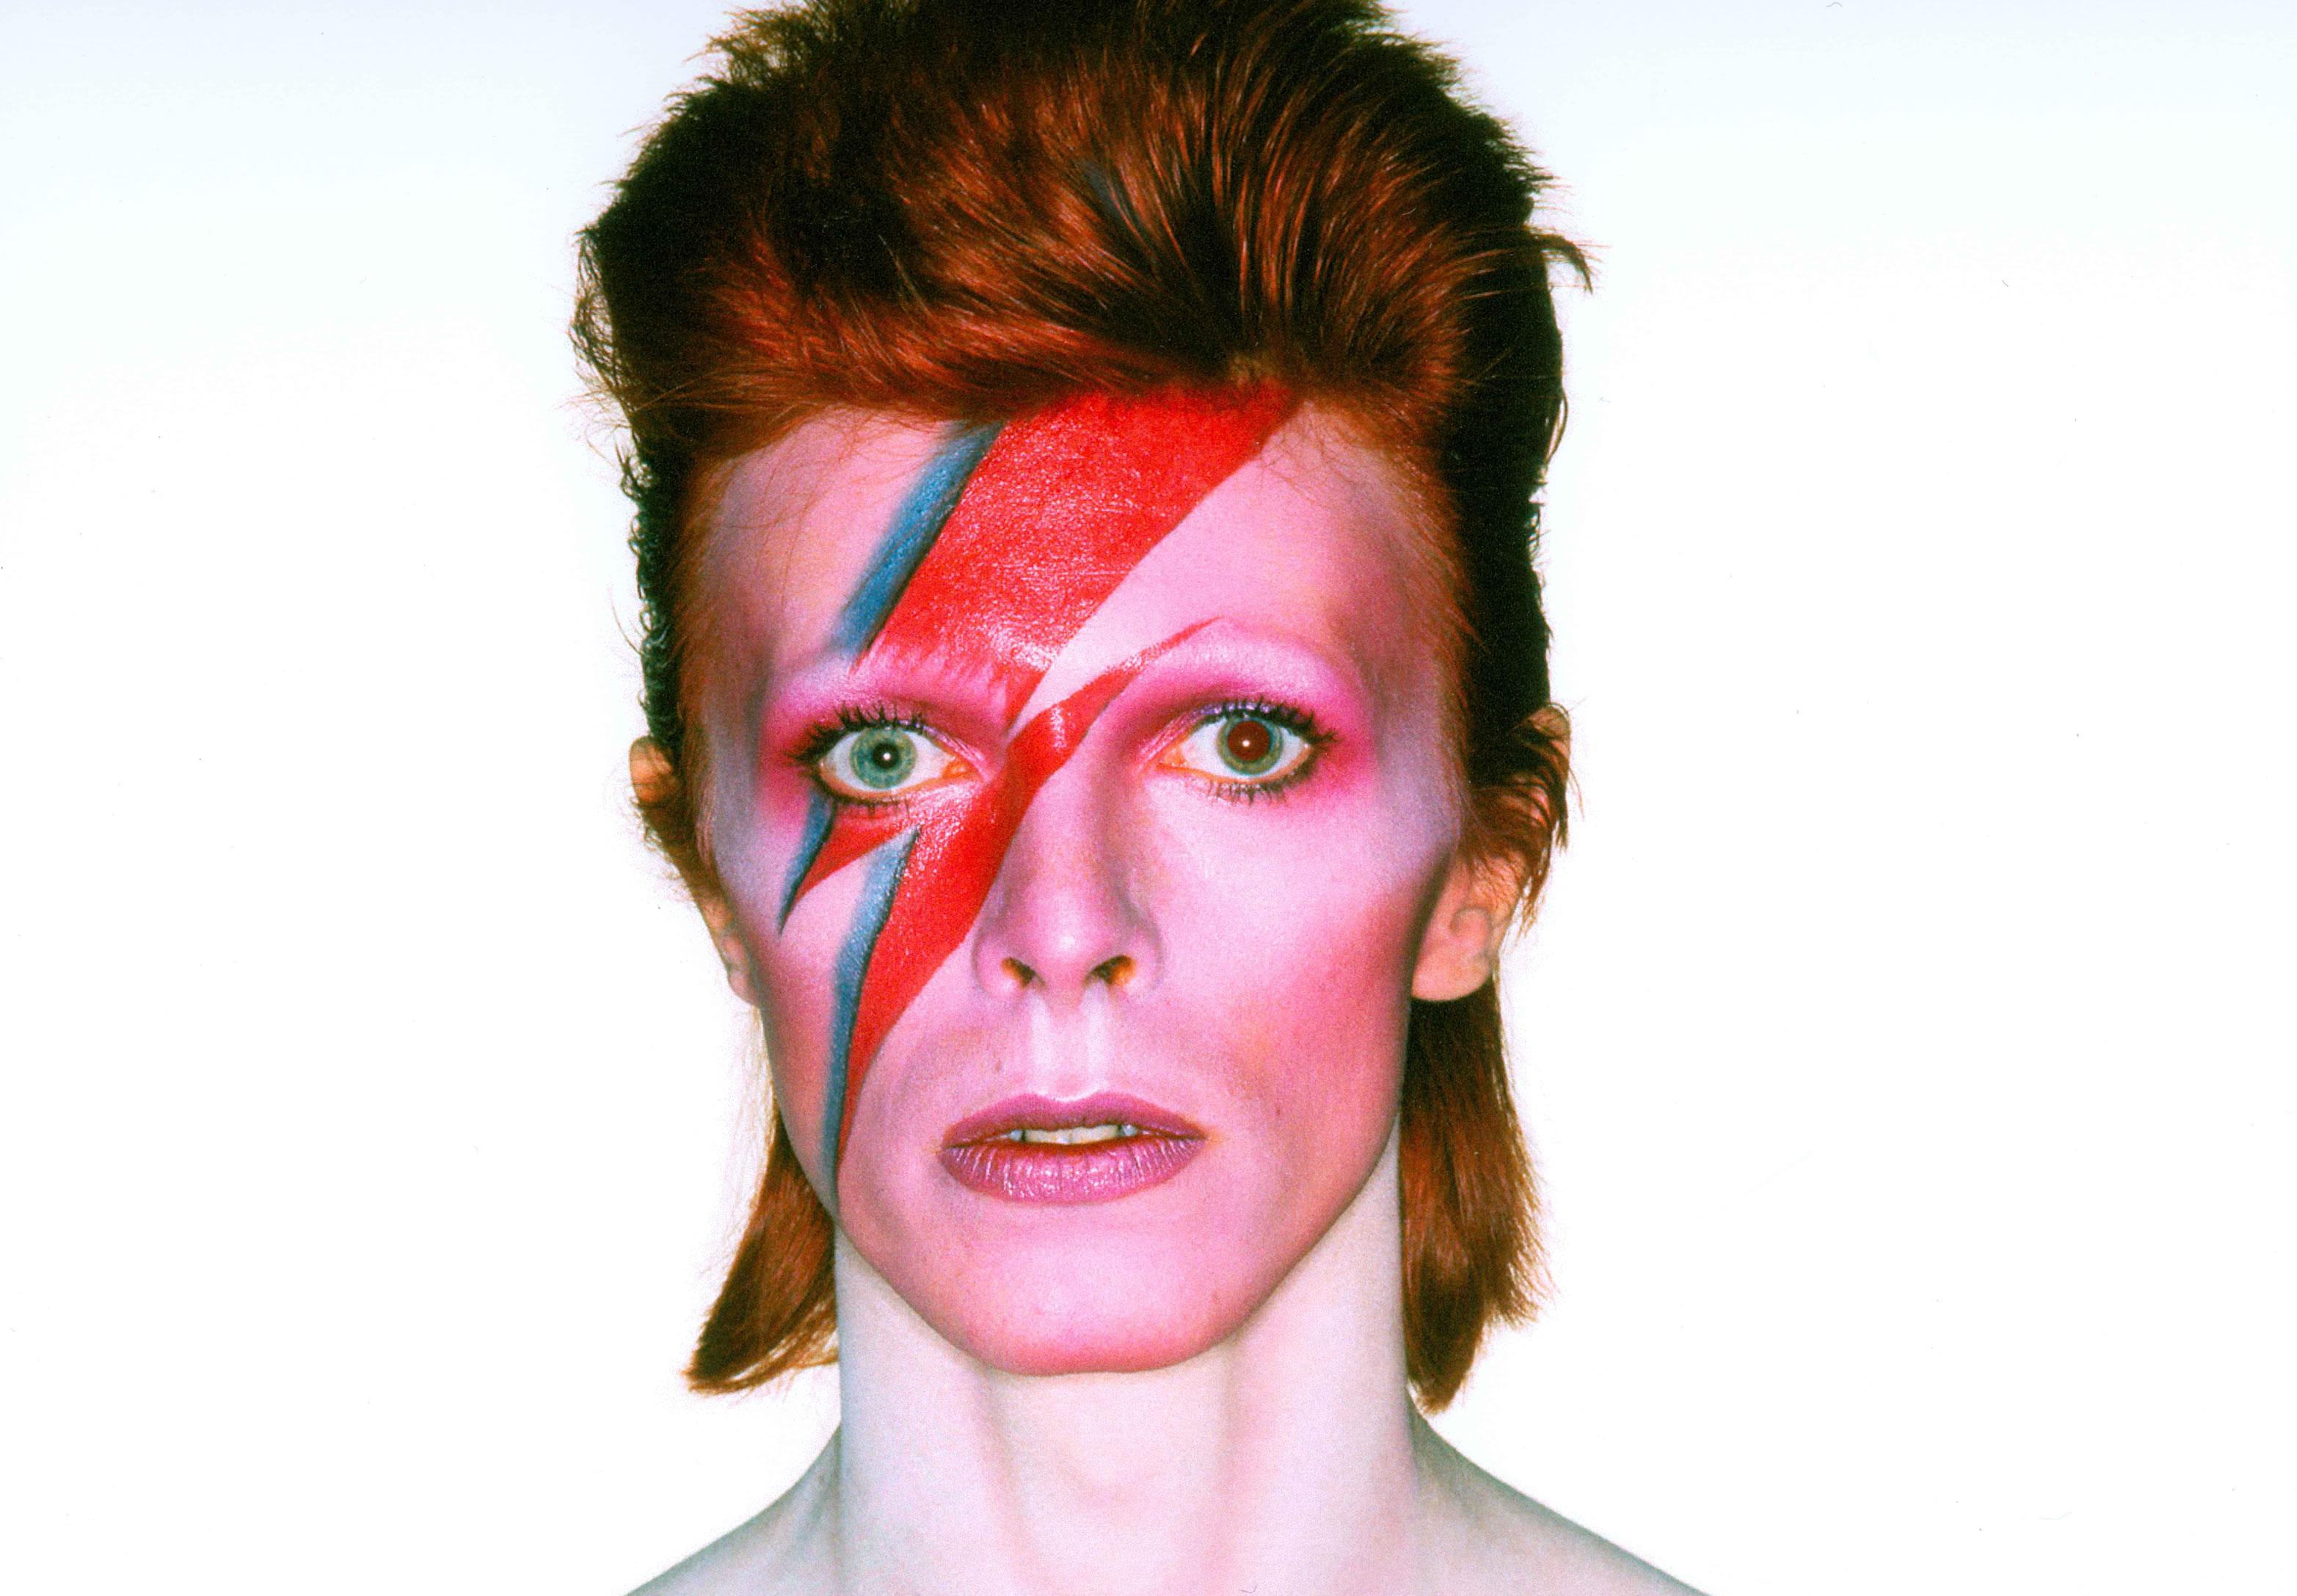 David Bowie: Exposição, obras e 1 ano de saudades